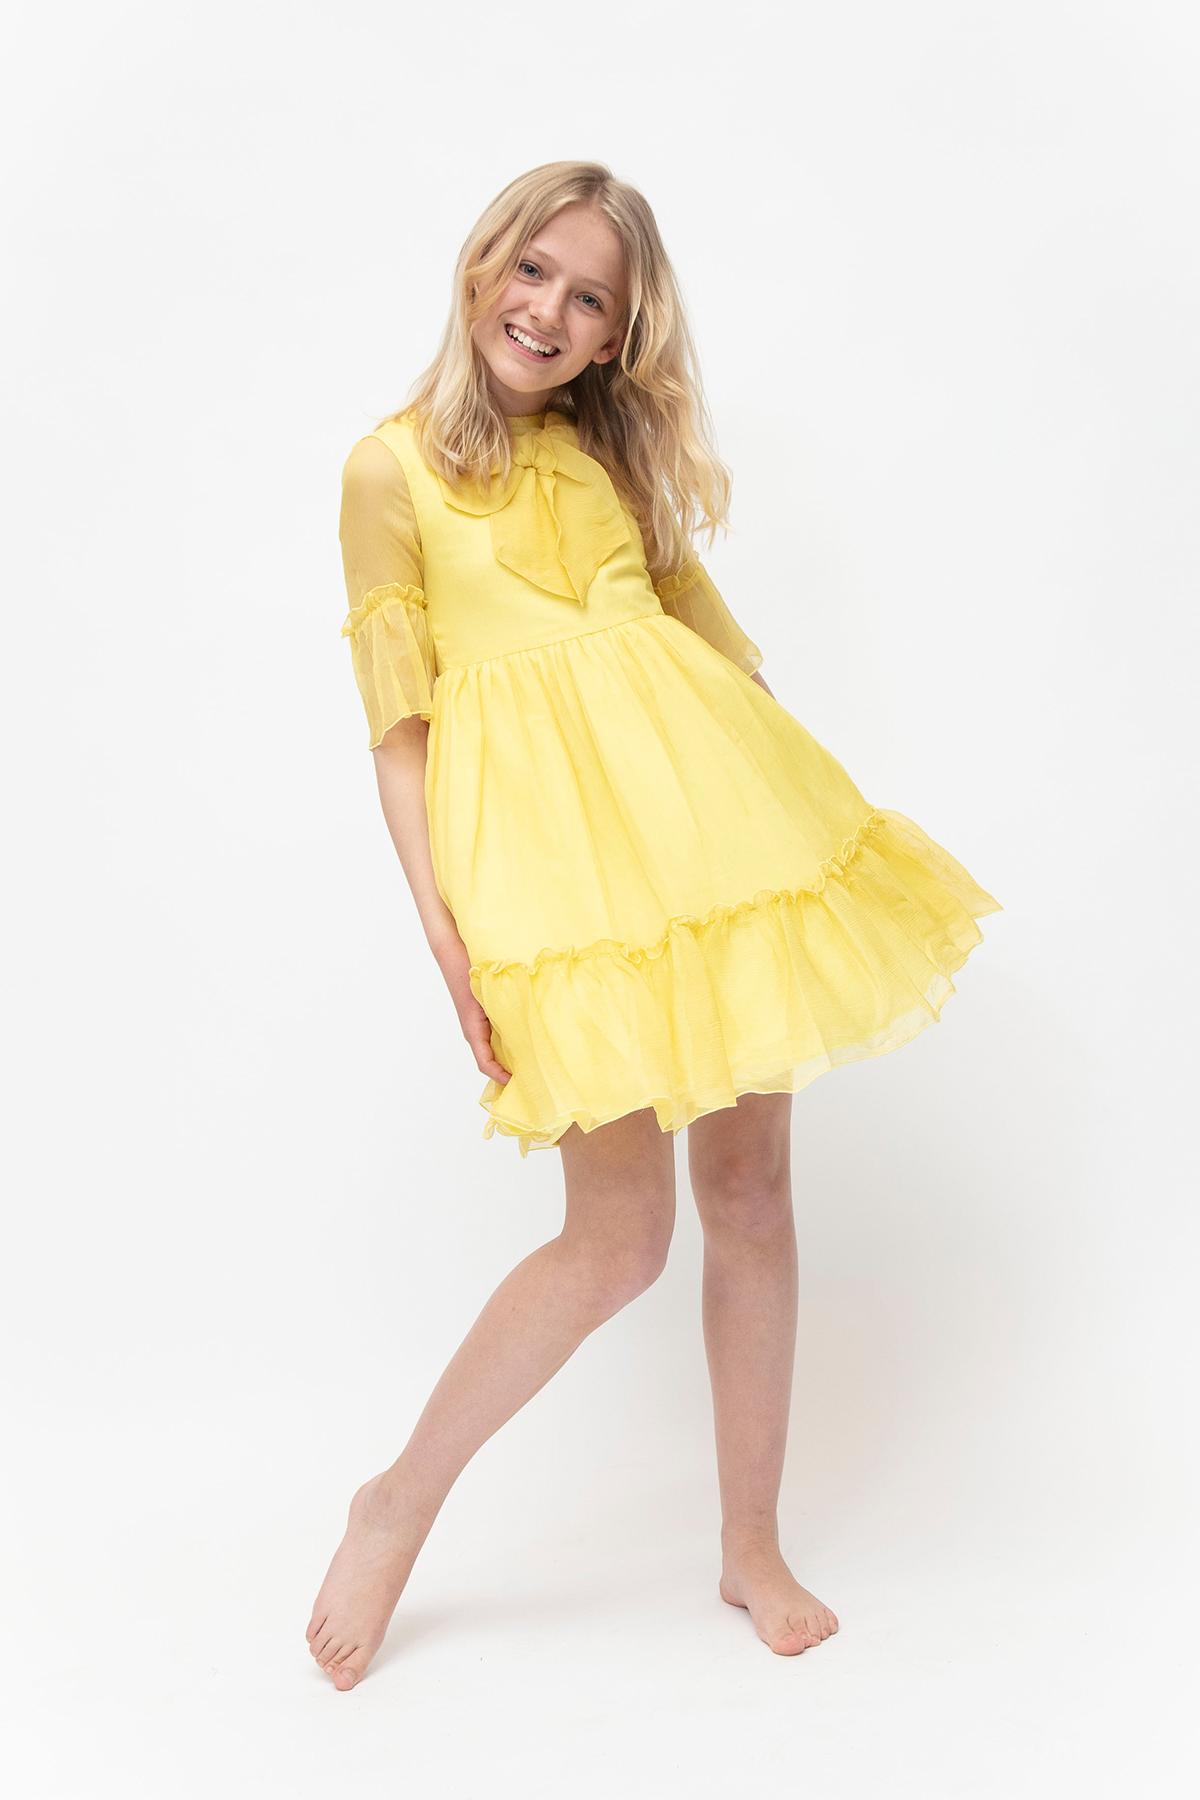 Klänning Rosetter » Barnkläder, Babykläder och Barnskor